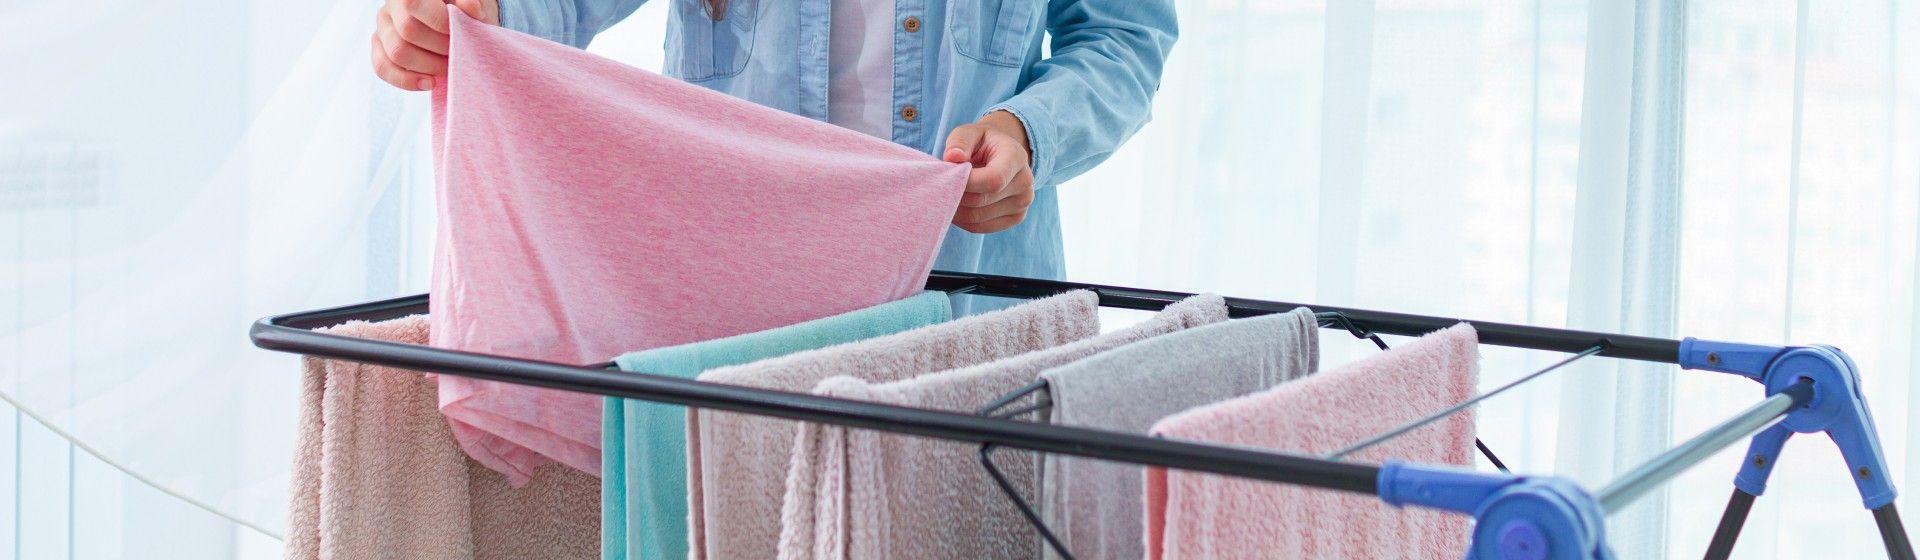 Como secar roupa rápido? 4 dicas para diminuir o tempo de secagem